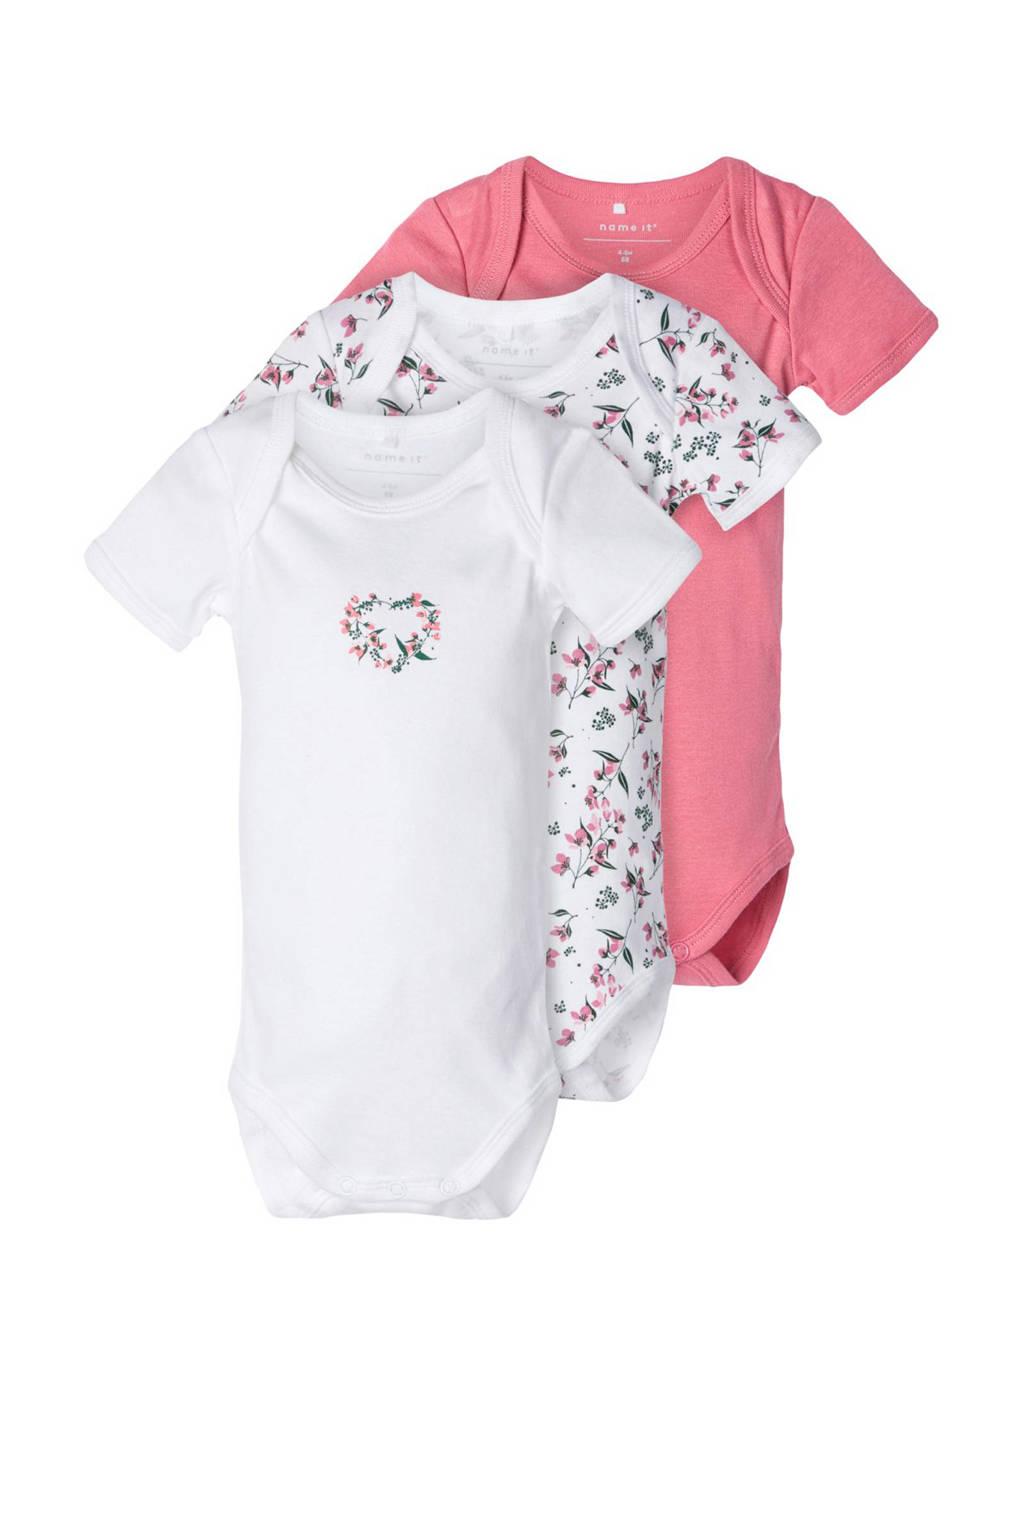 NAME IT BABY romper wit/roze/groen - set van 3, Wit/roze/groen